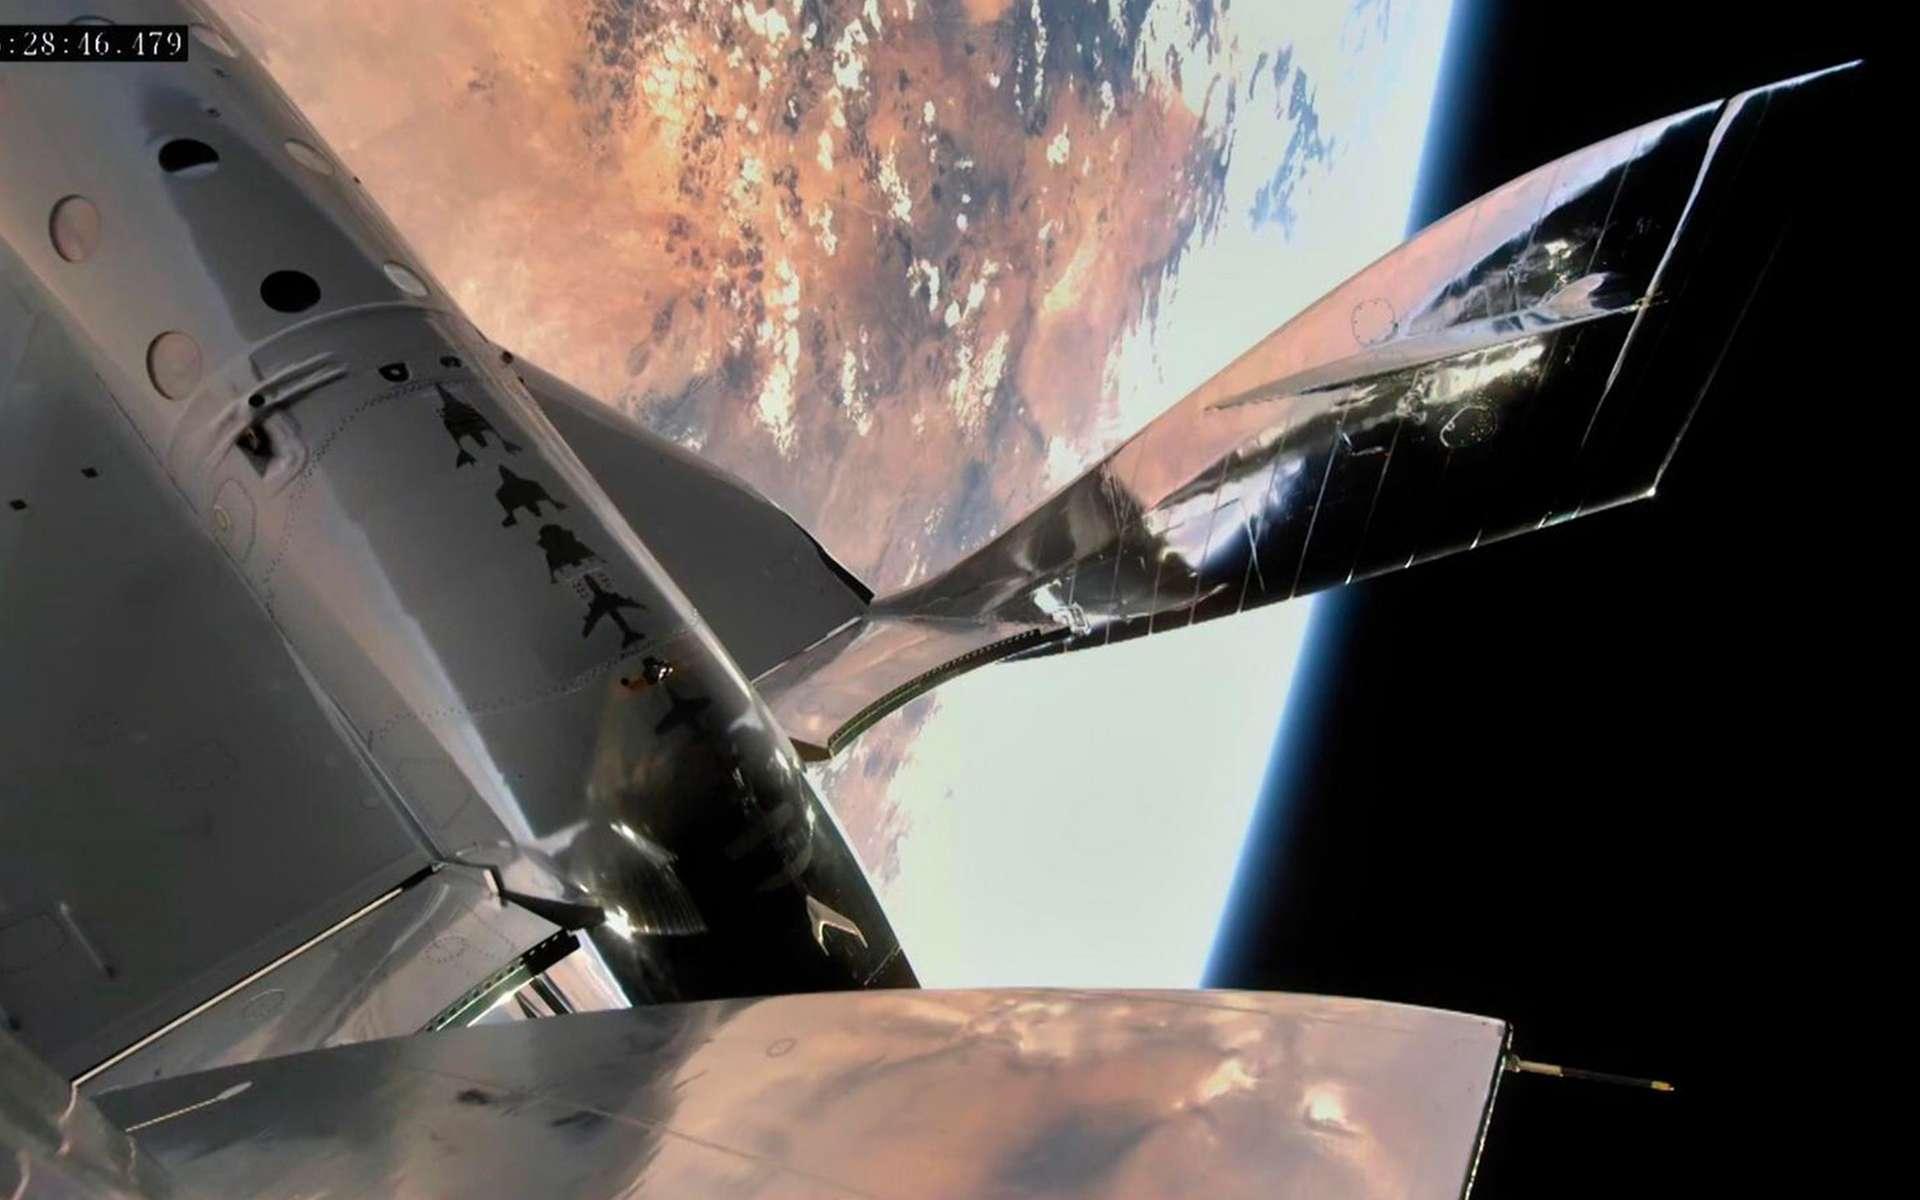 Le VSS Unity de Virgin Galactic lors du troisième vol spatial de la société de Richard Branson à près de 90 kilomètres d'altitude. © Virgin Galactic